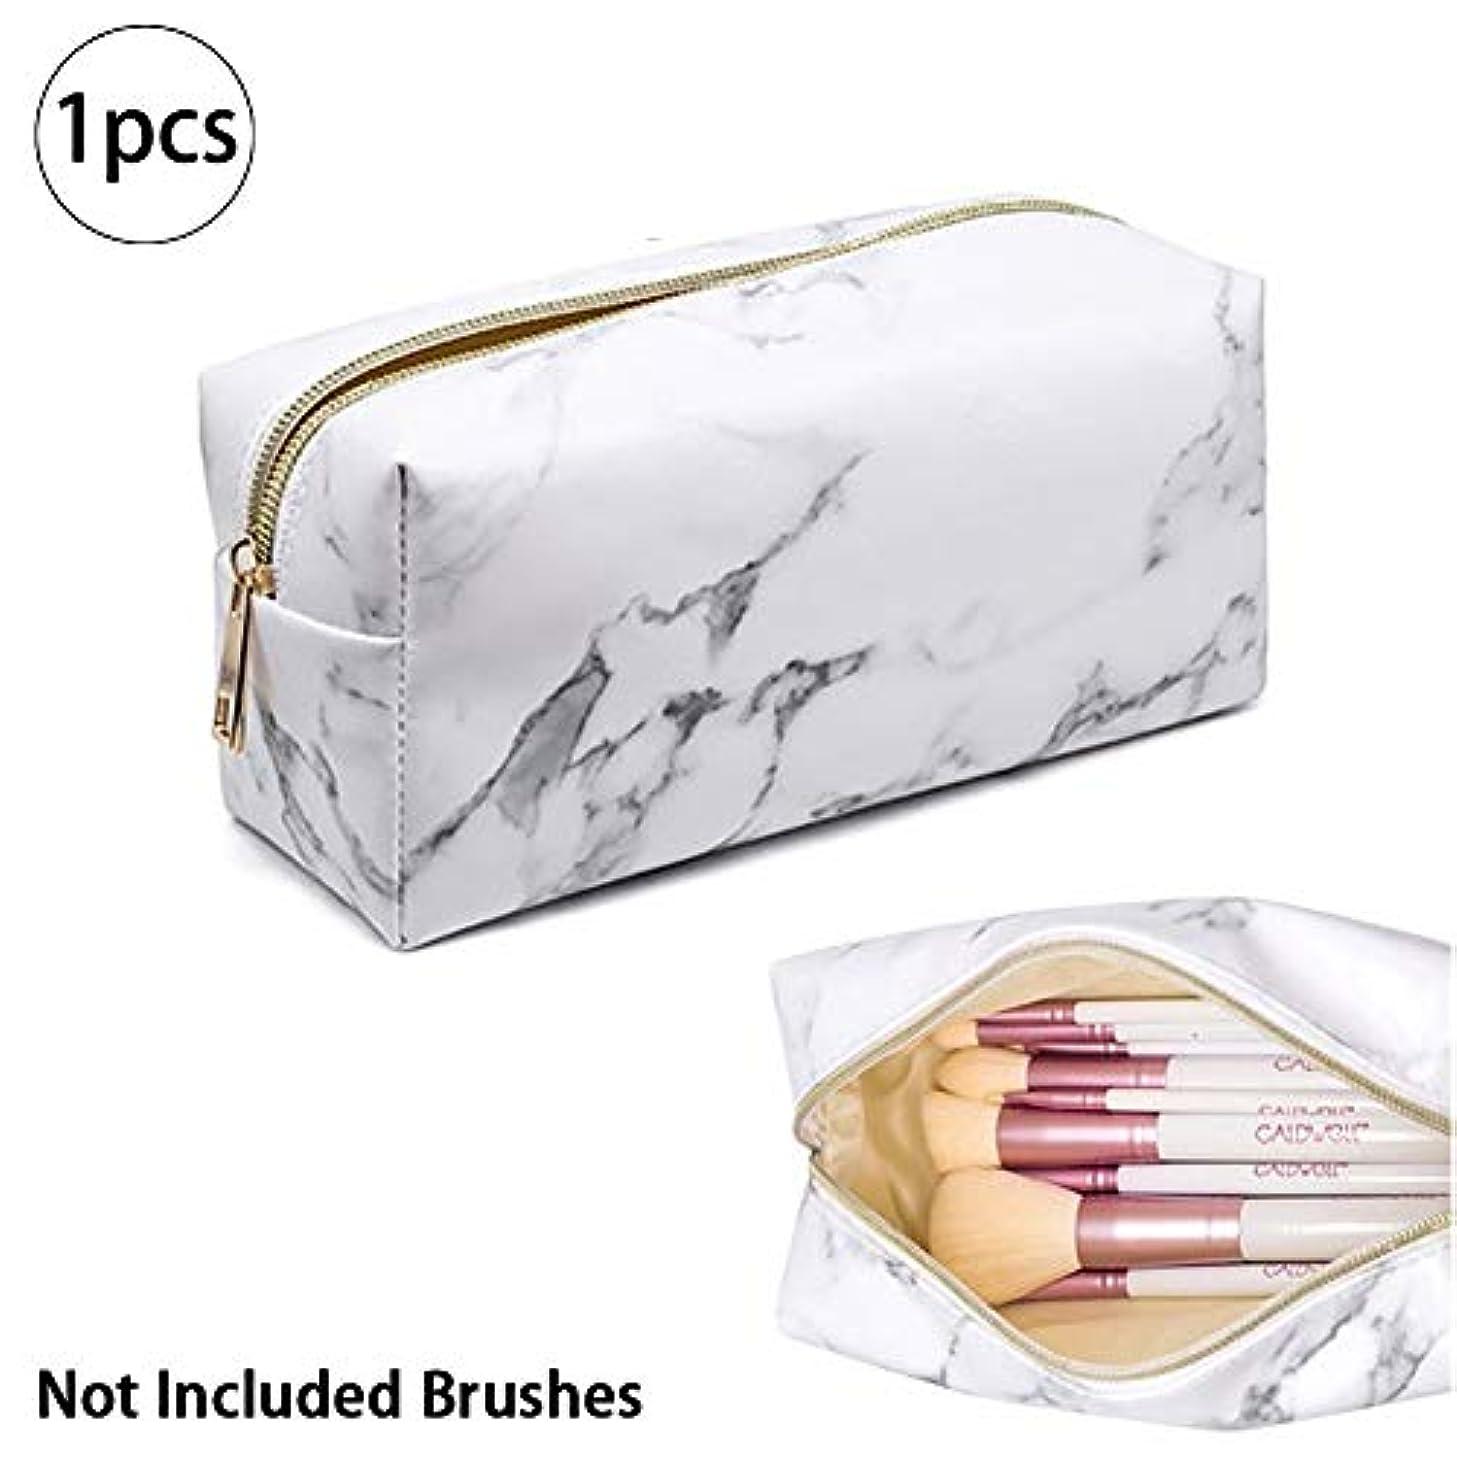 衝突のため切り下げ1PC大理石化粧バッグオーガナイザーポータブルトイレブラシ化粧品のバッグは、女性のためのバッグPuの金ジッパー鉛筆収納ボックス(白)旅行します